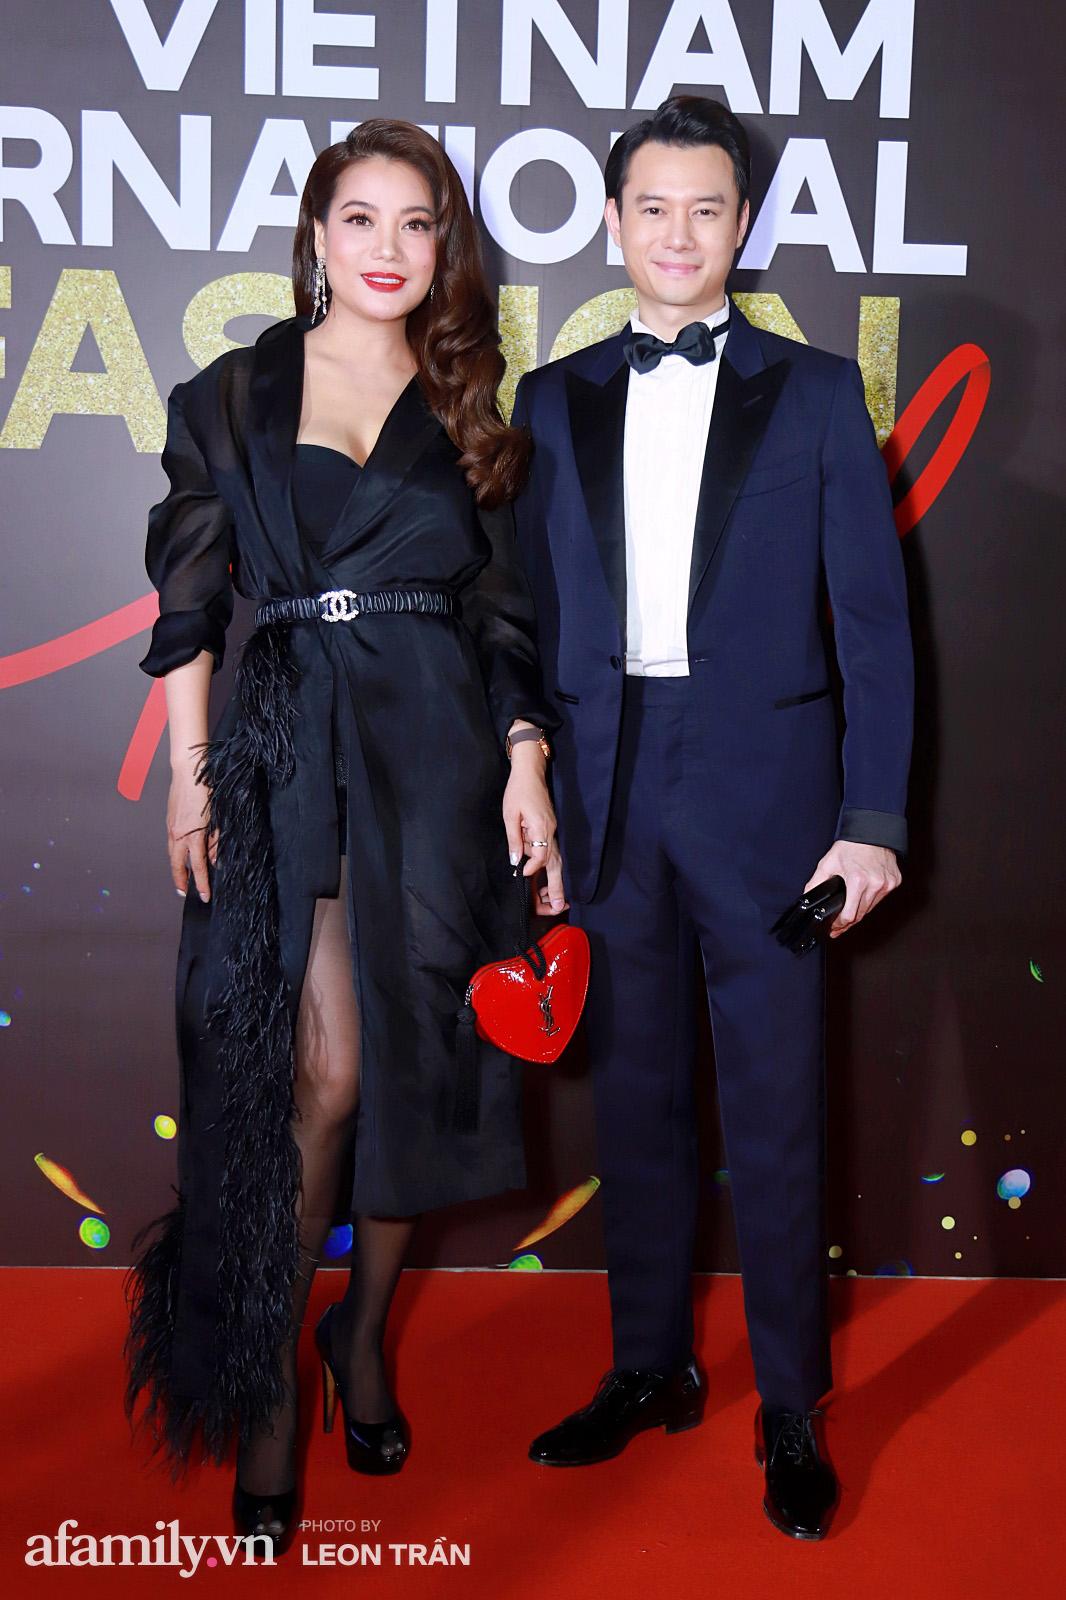 """Fashion Festival ngày cuối: Midu đẹp tựa thần tiên, nhưng giật spotlight lại là gương mặt """"mới cứng"""" của showbiz Việt  - Ảnh 4."""